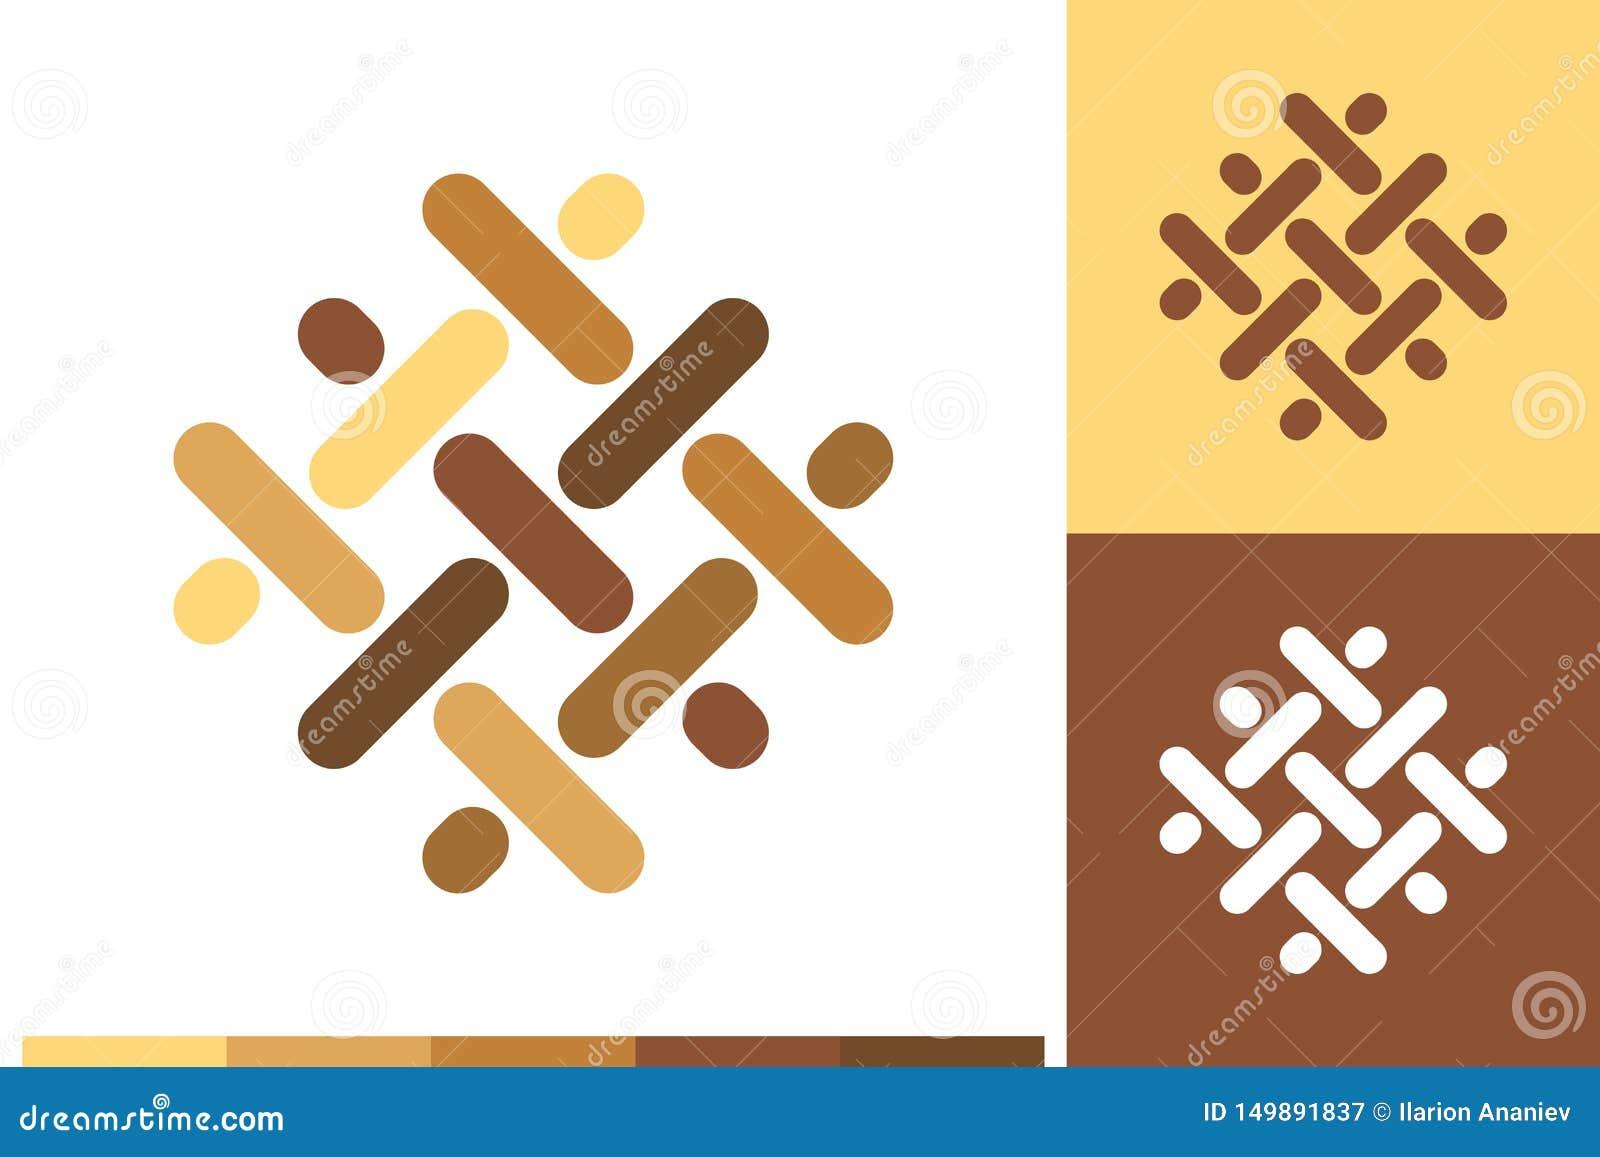 Vektorlogo, symbol eller tecken med durken, parkett, laminat, bråte, snickeri, ädelträbeståndsdelar i naturliga färger för affär,